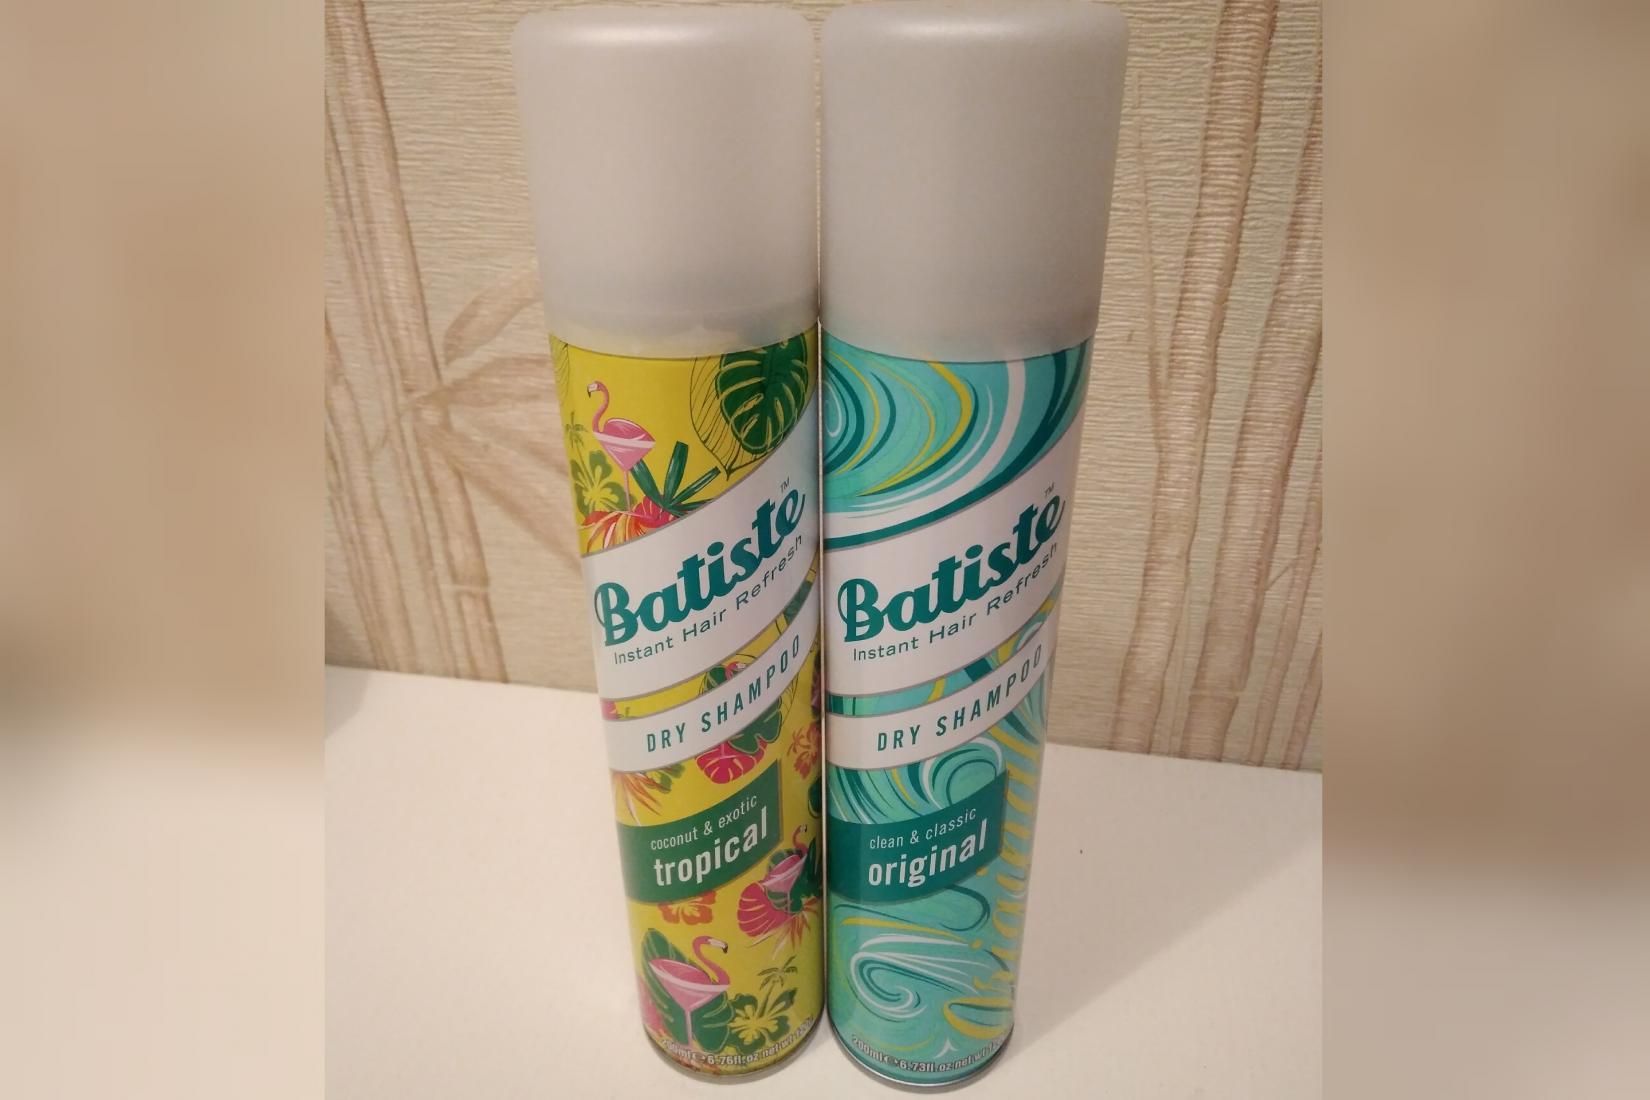 Сухие шампуни Batiste Dry Shampoo, Tropical и Original